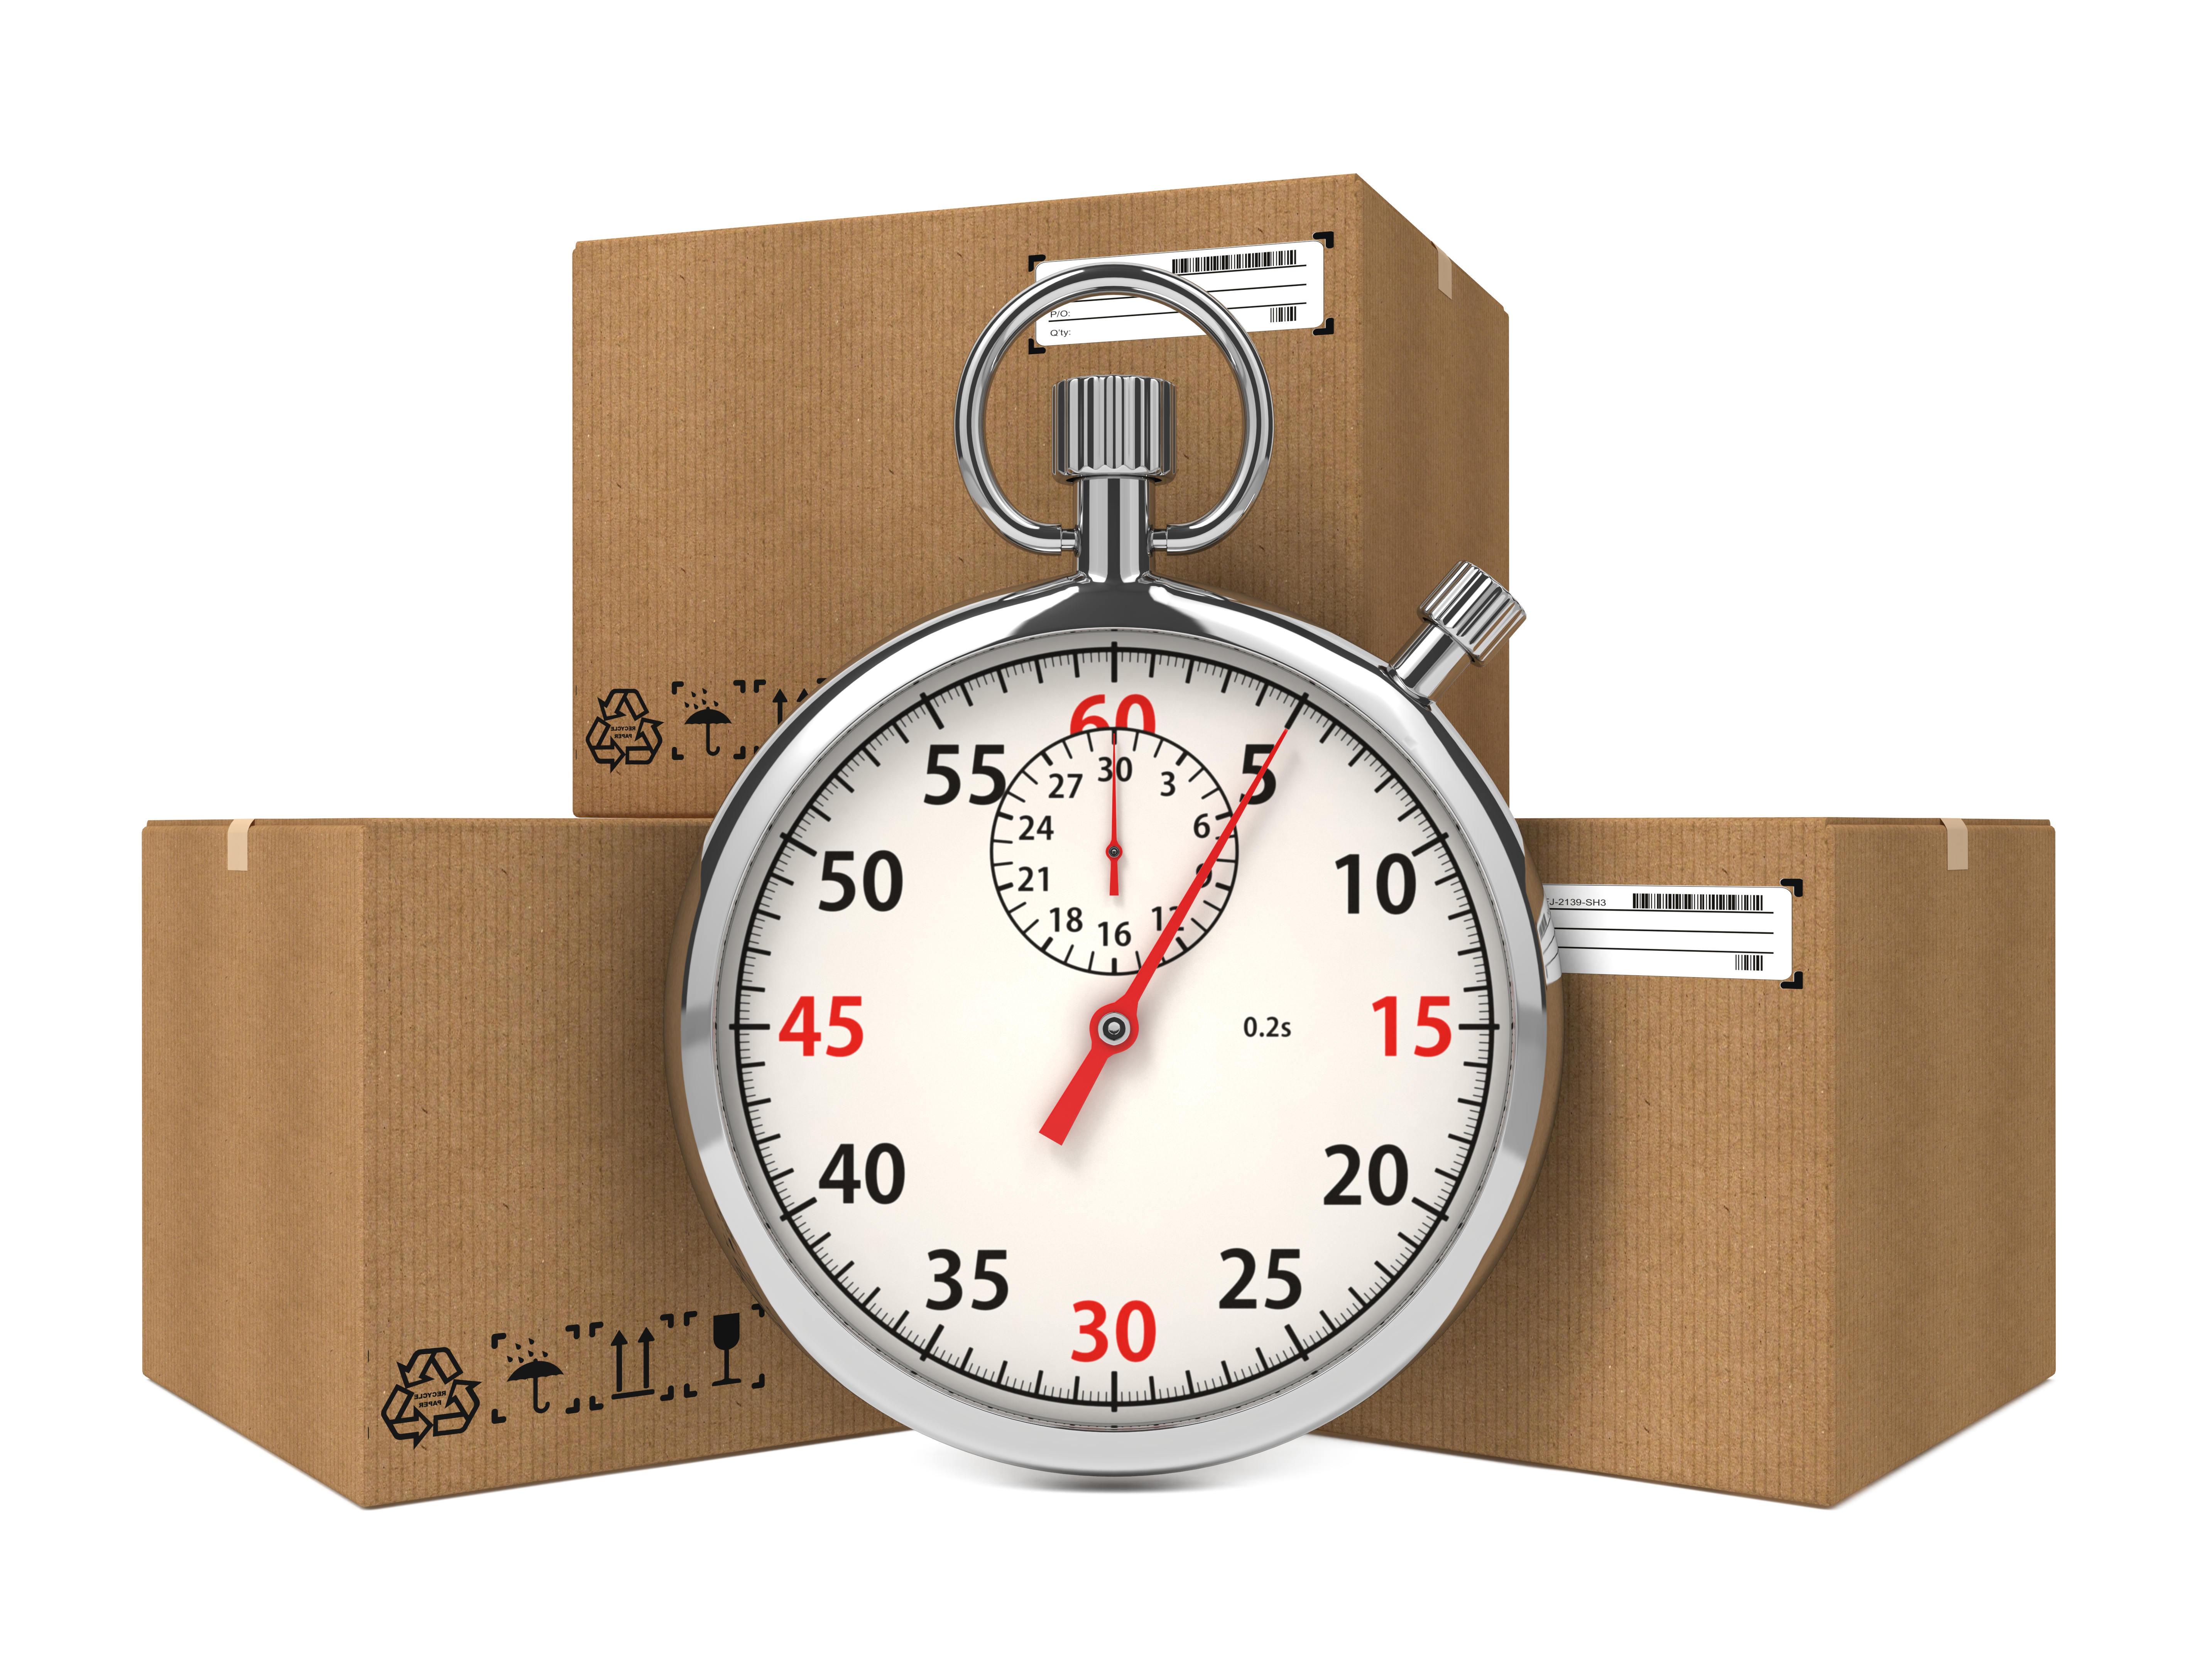 חבילות בארגזים ליד שעון